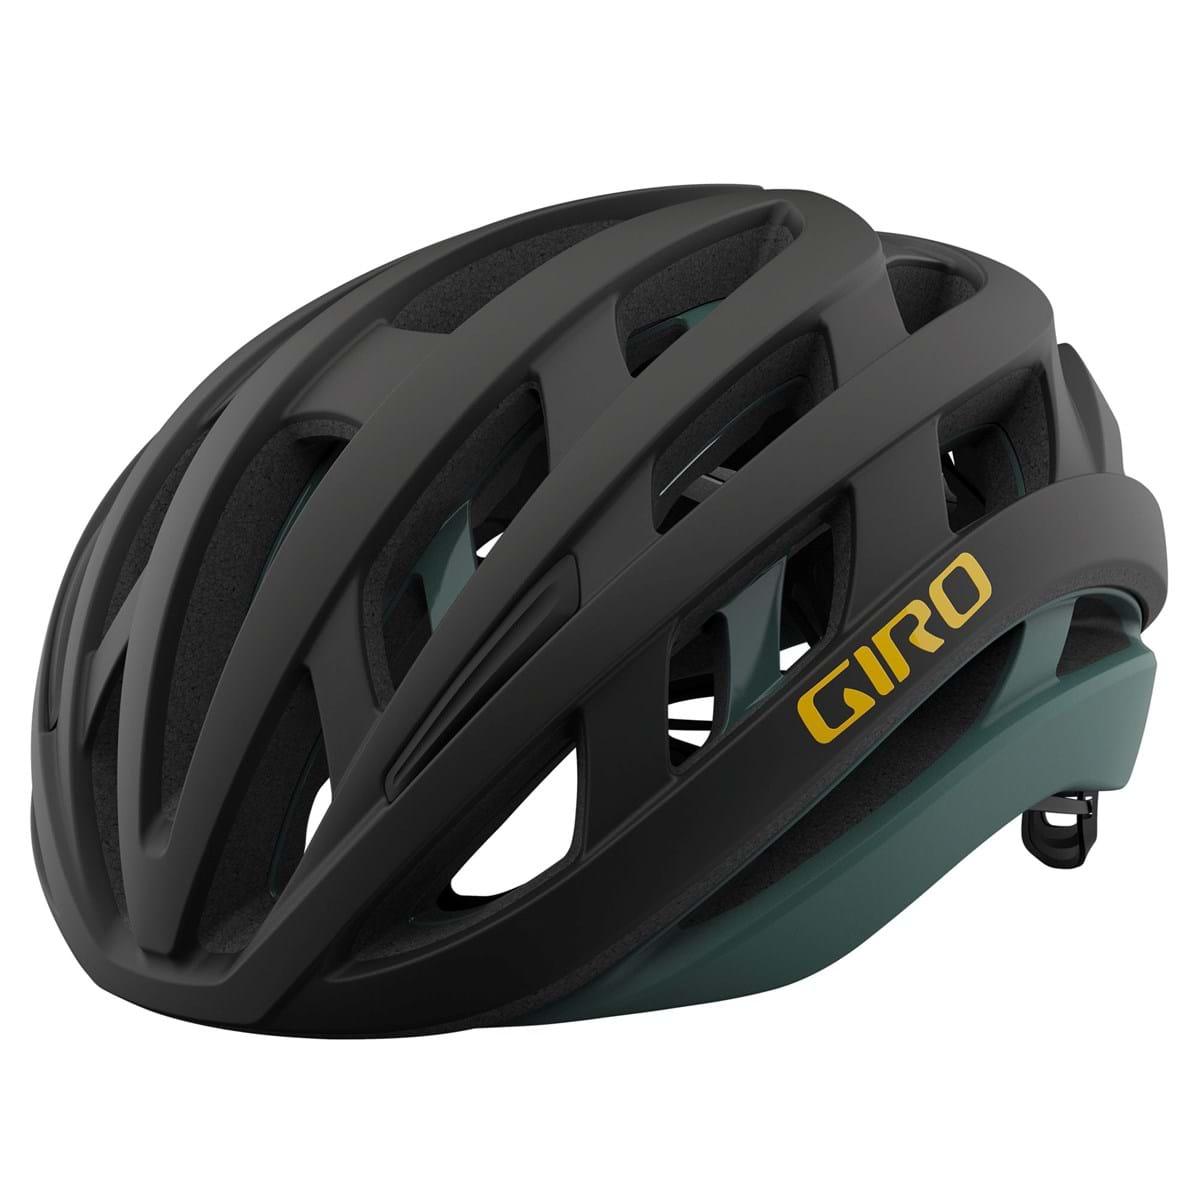 Helios Spherical Road Helmet